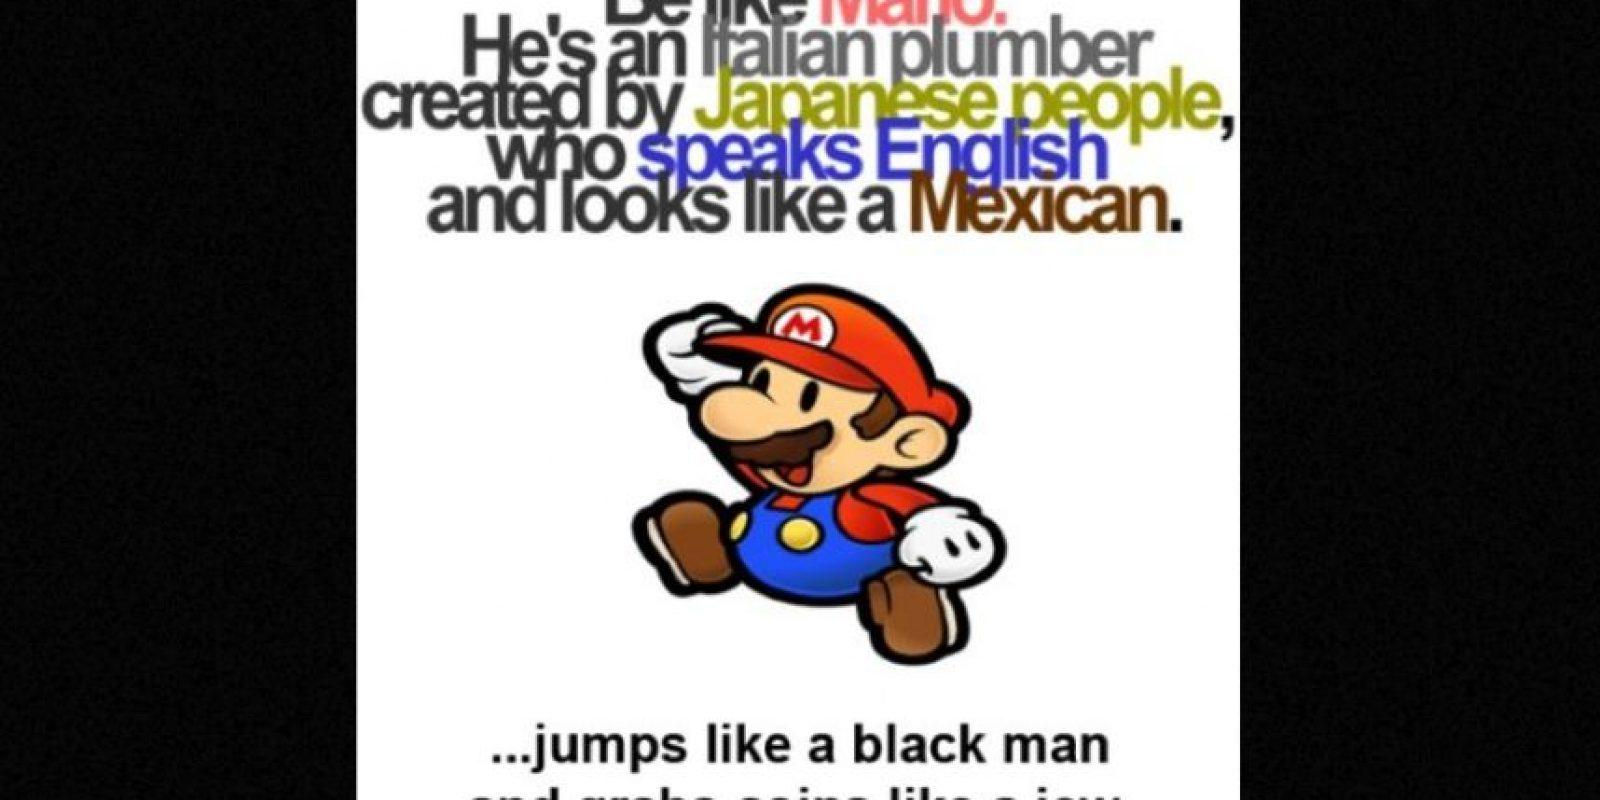 Después subió un cartel de Mario, pero fue acusado de antisemita y racista, por lo que tuvo que pedir disculpas Foto:instagram.com/mb459